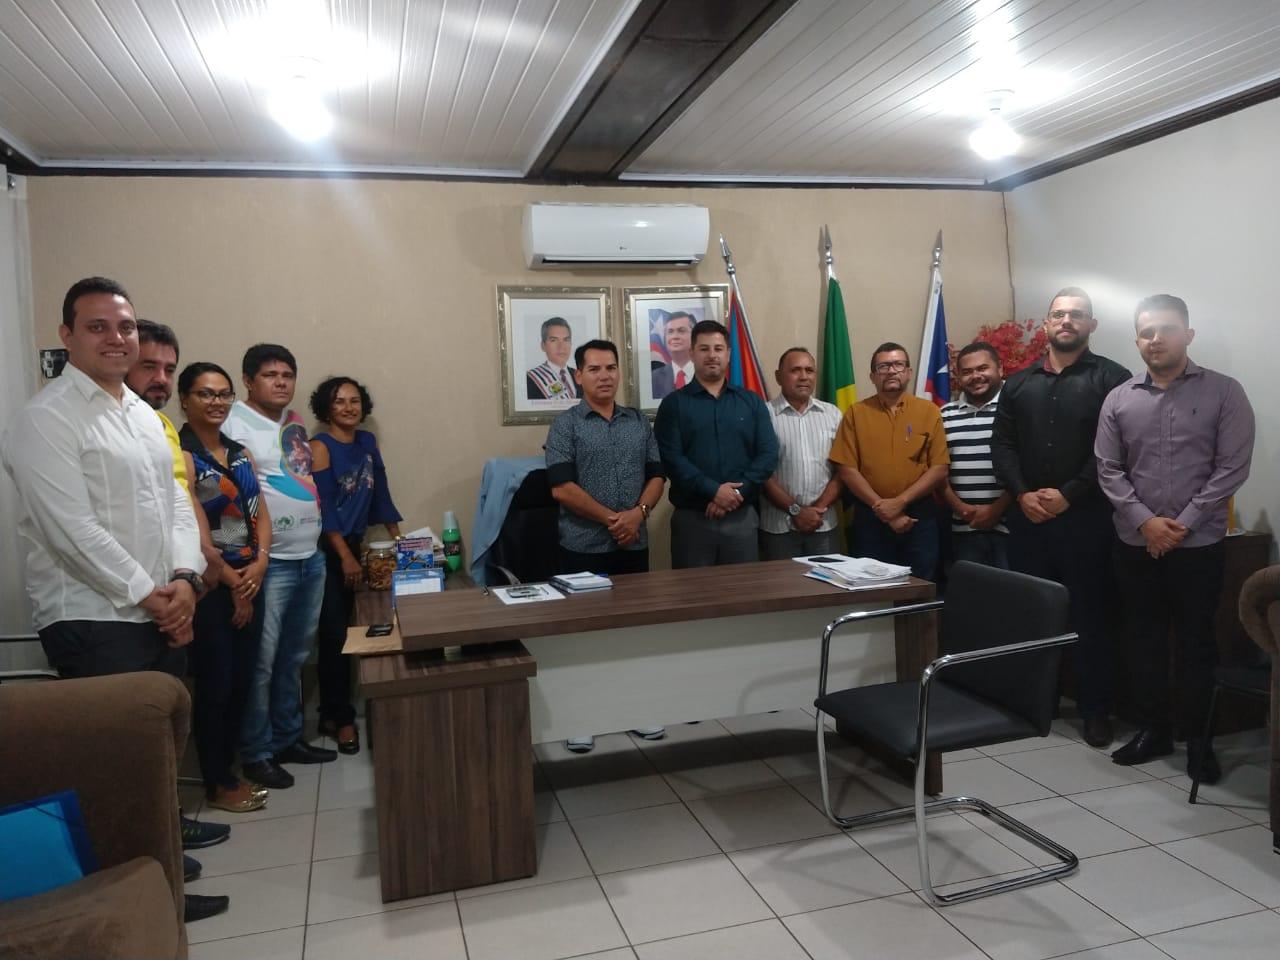 Auditores do TCE/MA visitam o município de Ribamar Fiquene  para convalidar informações